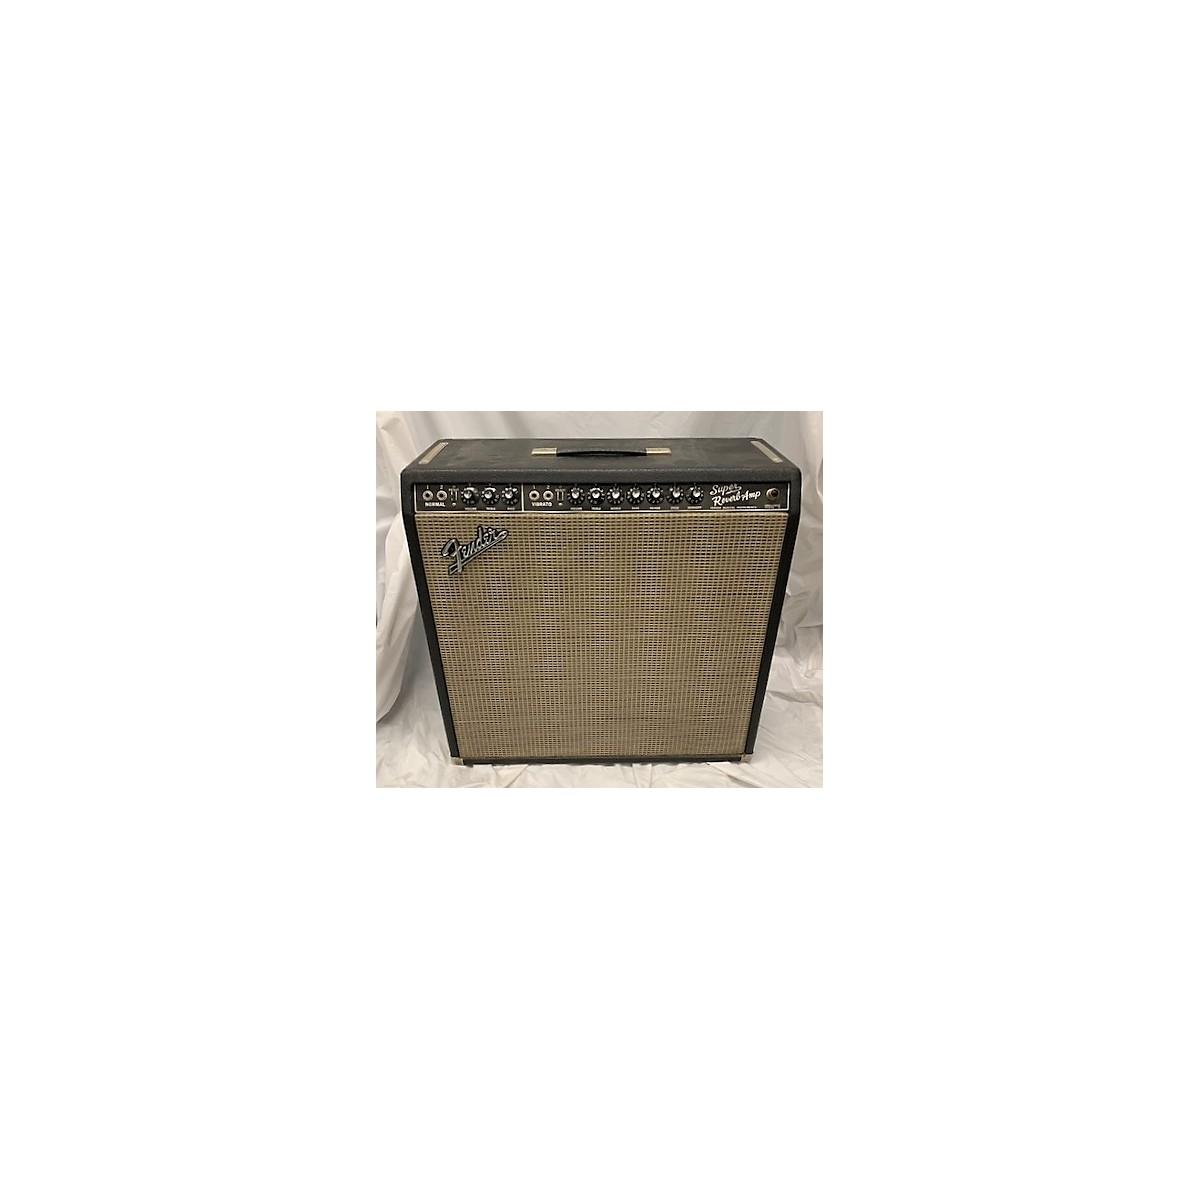 Fender 1967  1967 Fender Super Reverb Amp Tube Guitar Combo Amp